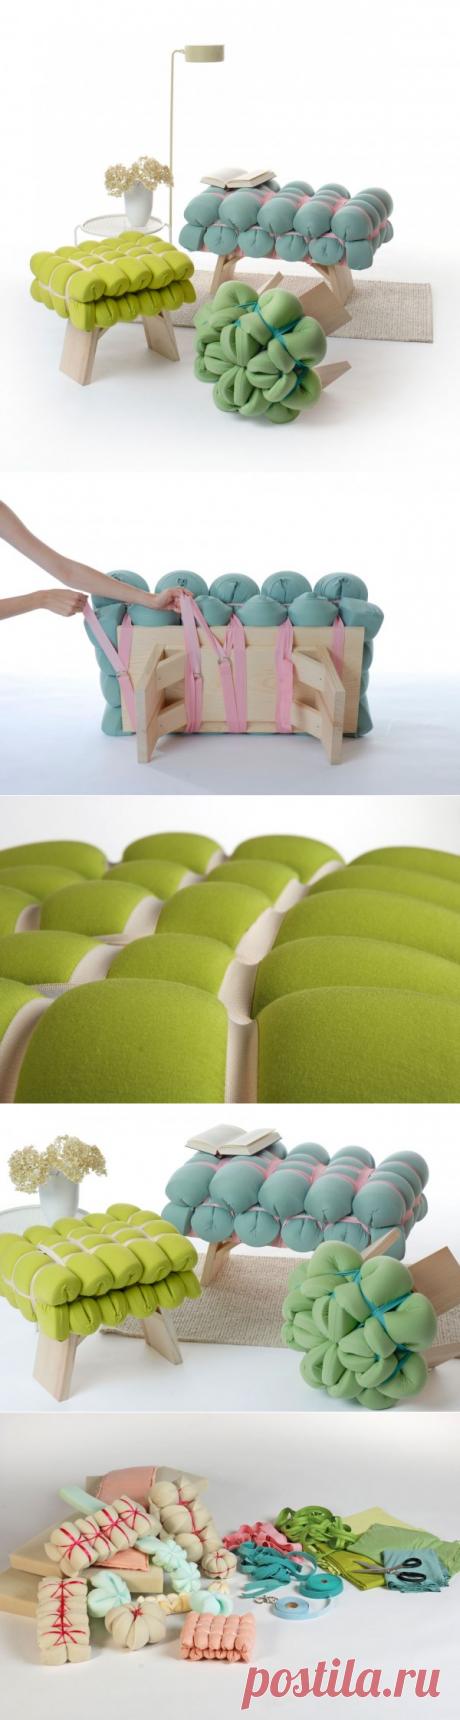 Поролоновая мебель